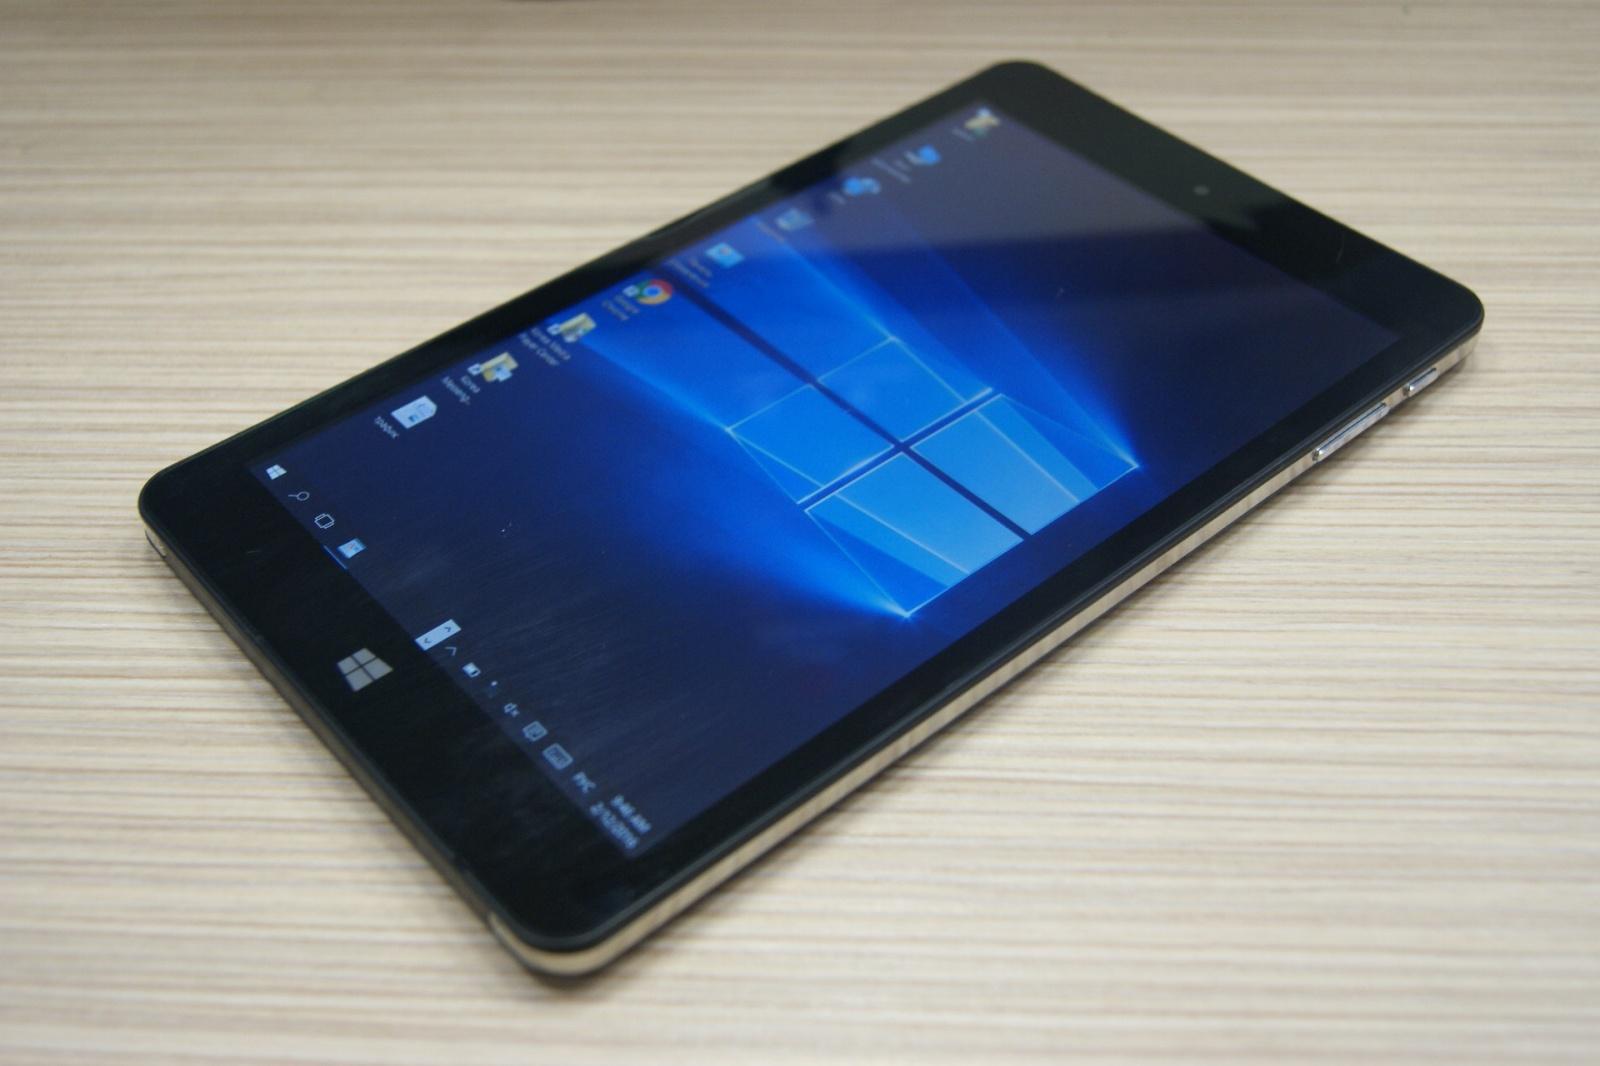 """Обзор бюджетного 8"""" планшета Chuwi Vi8 Plus на Windows 10 за $88 - 2"""